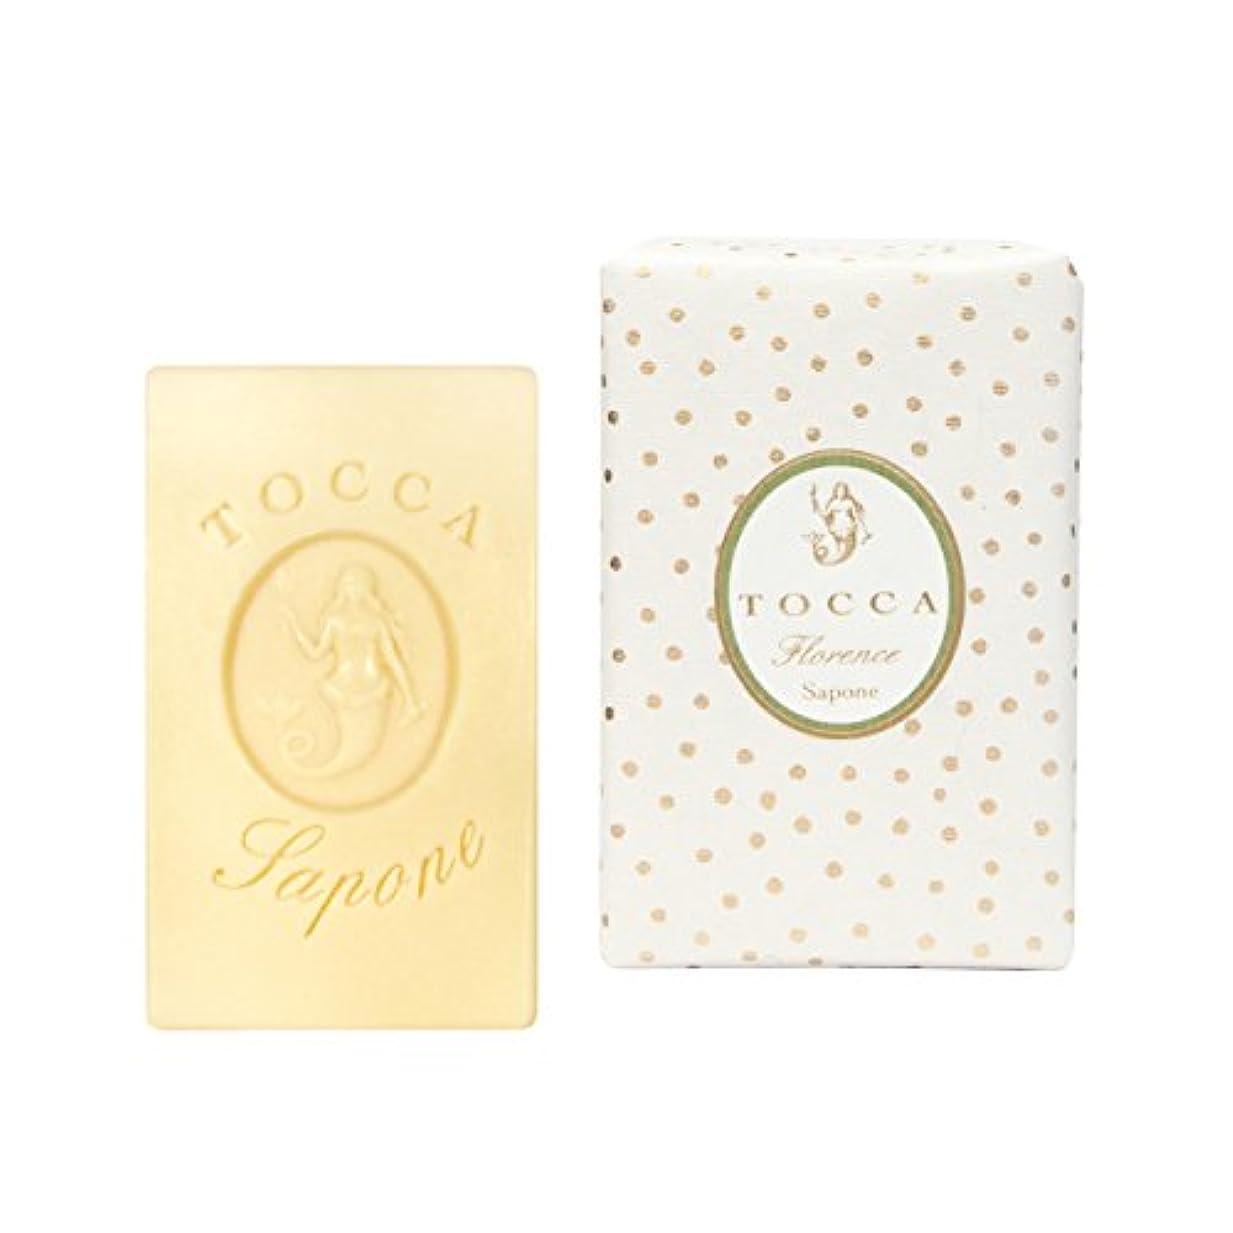 関係ないモス温度トッカ(TOCCA) ソープバーフローレンスの香り 113g(石けん 化粧石けん ガーデニアとベルガモットが誘うように溶け合うどこまでも上品なフローラルの香り)